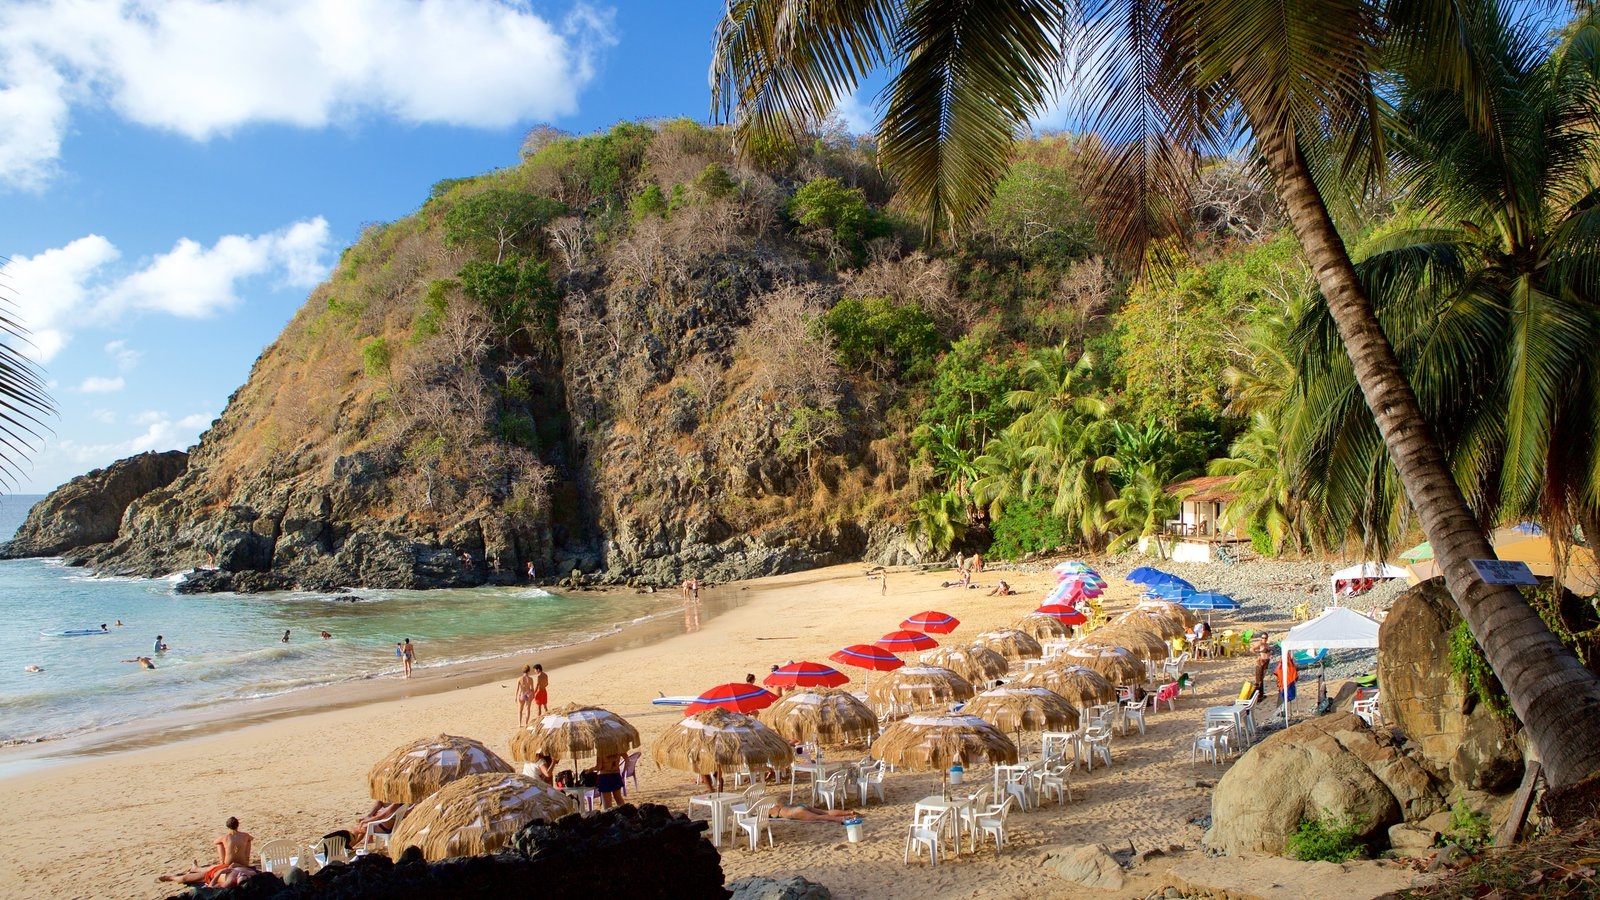 Praia do Cachorro mostrando um hotel de luxo ou resort, paisagens litorâneas e uma praia de areia